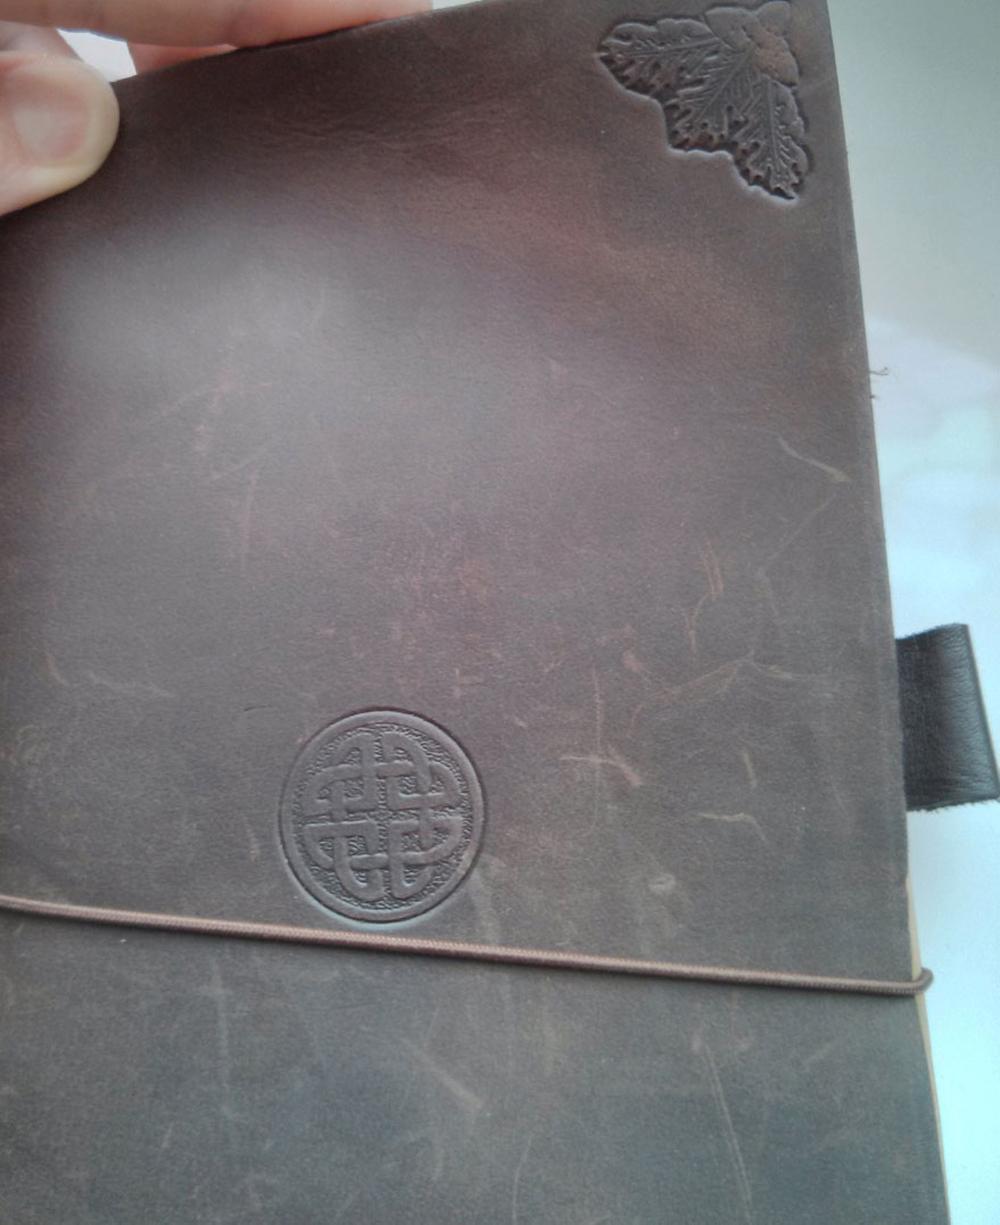 Midori Traveler's Notebook (braun) mit Prägungen